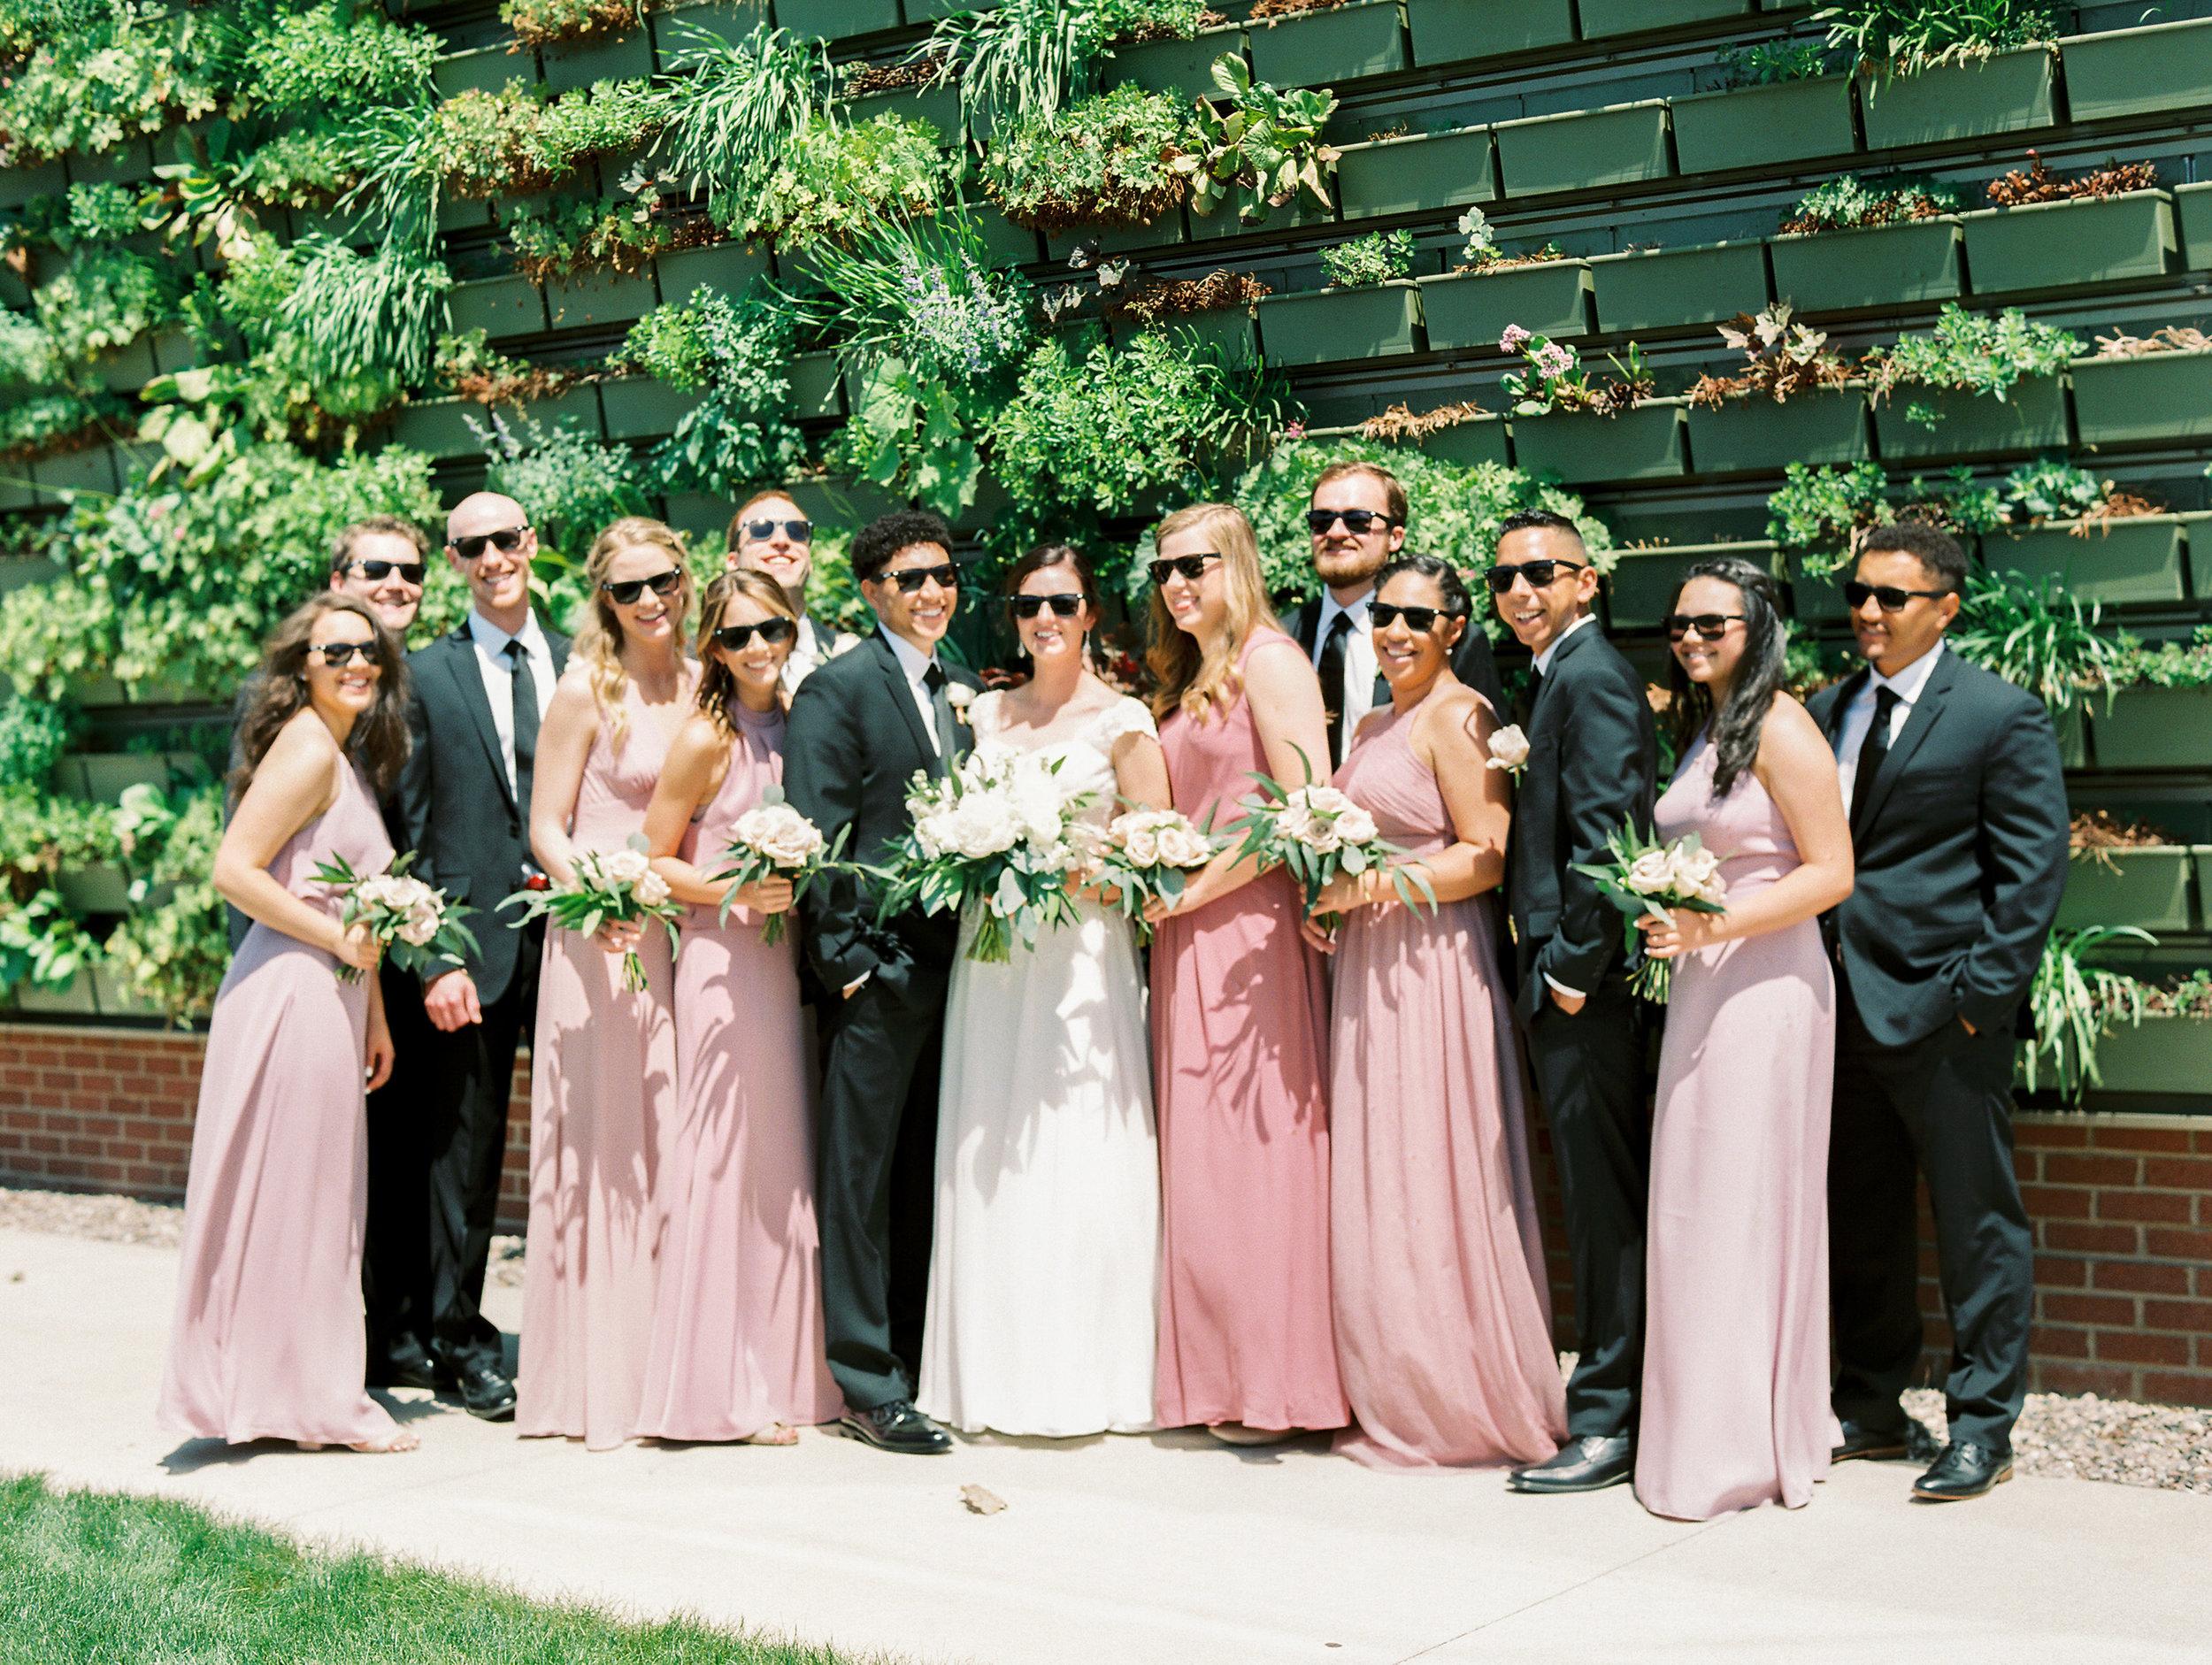 Julius+Wedding+BridalPartyf-42.jpg